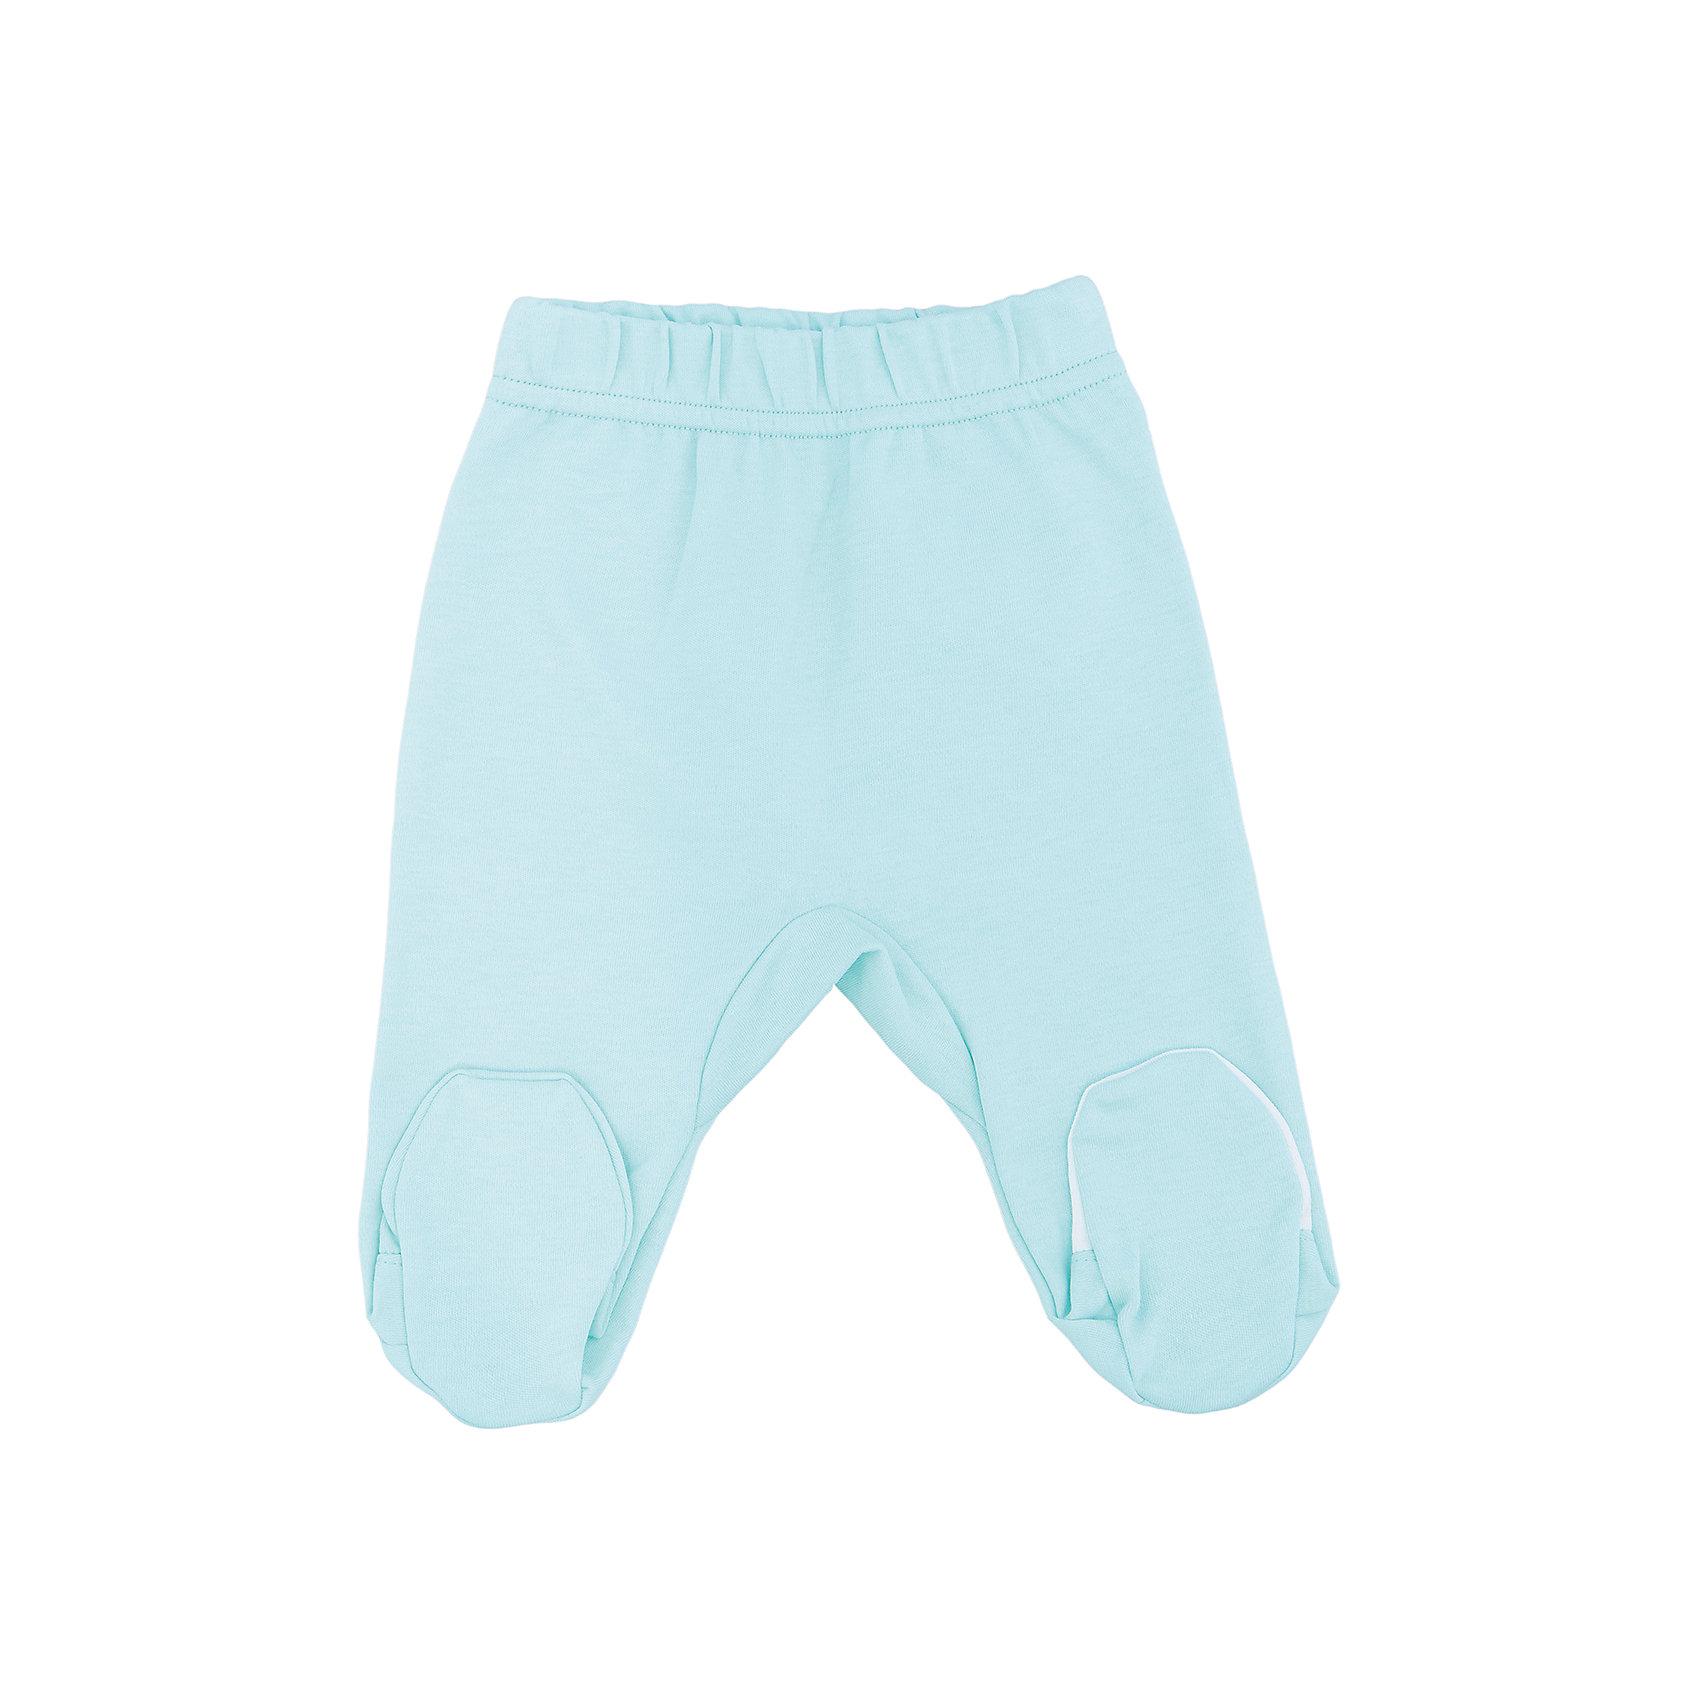 Ползунки для девочки МамуляндияПолзунки и штанишки<br>Ползунки  из дизайнерской коллекции для девочек , выполнены из трикотажноготна высшего качества (интерлок пенье).  Декорированы гипоаллергенным принтом на водной основе. Стирать при температуре 40, носить с удовольствием. 100% хлопок<br><br>Ширина мм: 157<br>Глубина мм: 13<br>Высота мм: 119<br>Вес г: 200<br>Цвет: голубой<br>Возраст от месяцев: 12<br>Возраст до месяцев: 15<br>Пол: Женский<br>Возраст: Детский<br>Размер: 56,62,68,80,74<br>SKU: 4735565